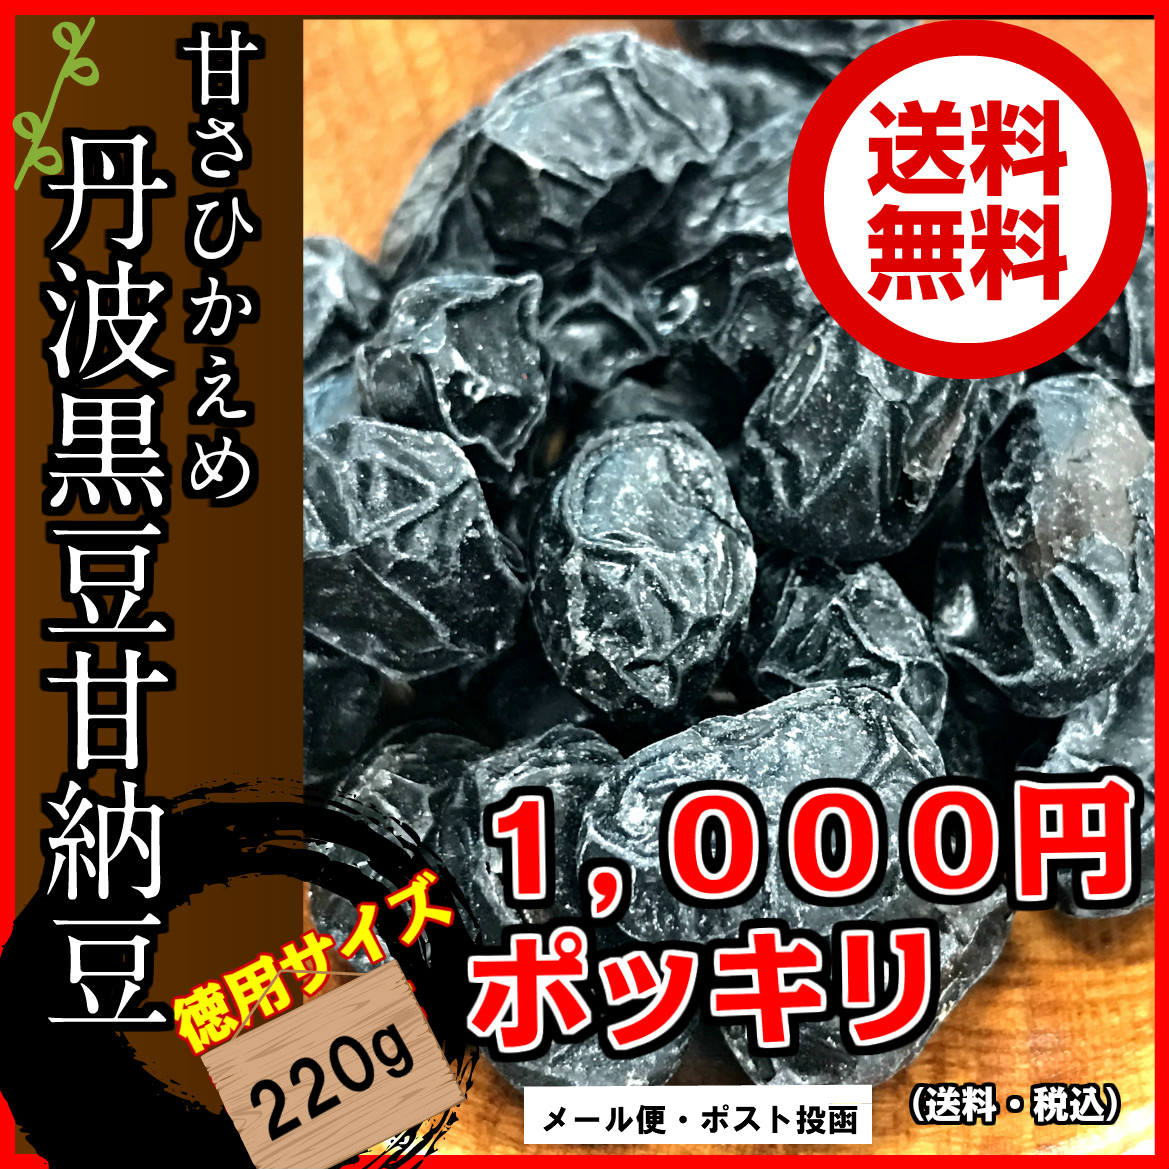 黒豆甘納豆1000円ぽっきり